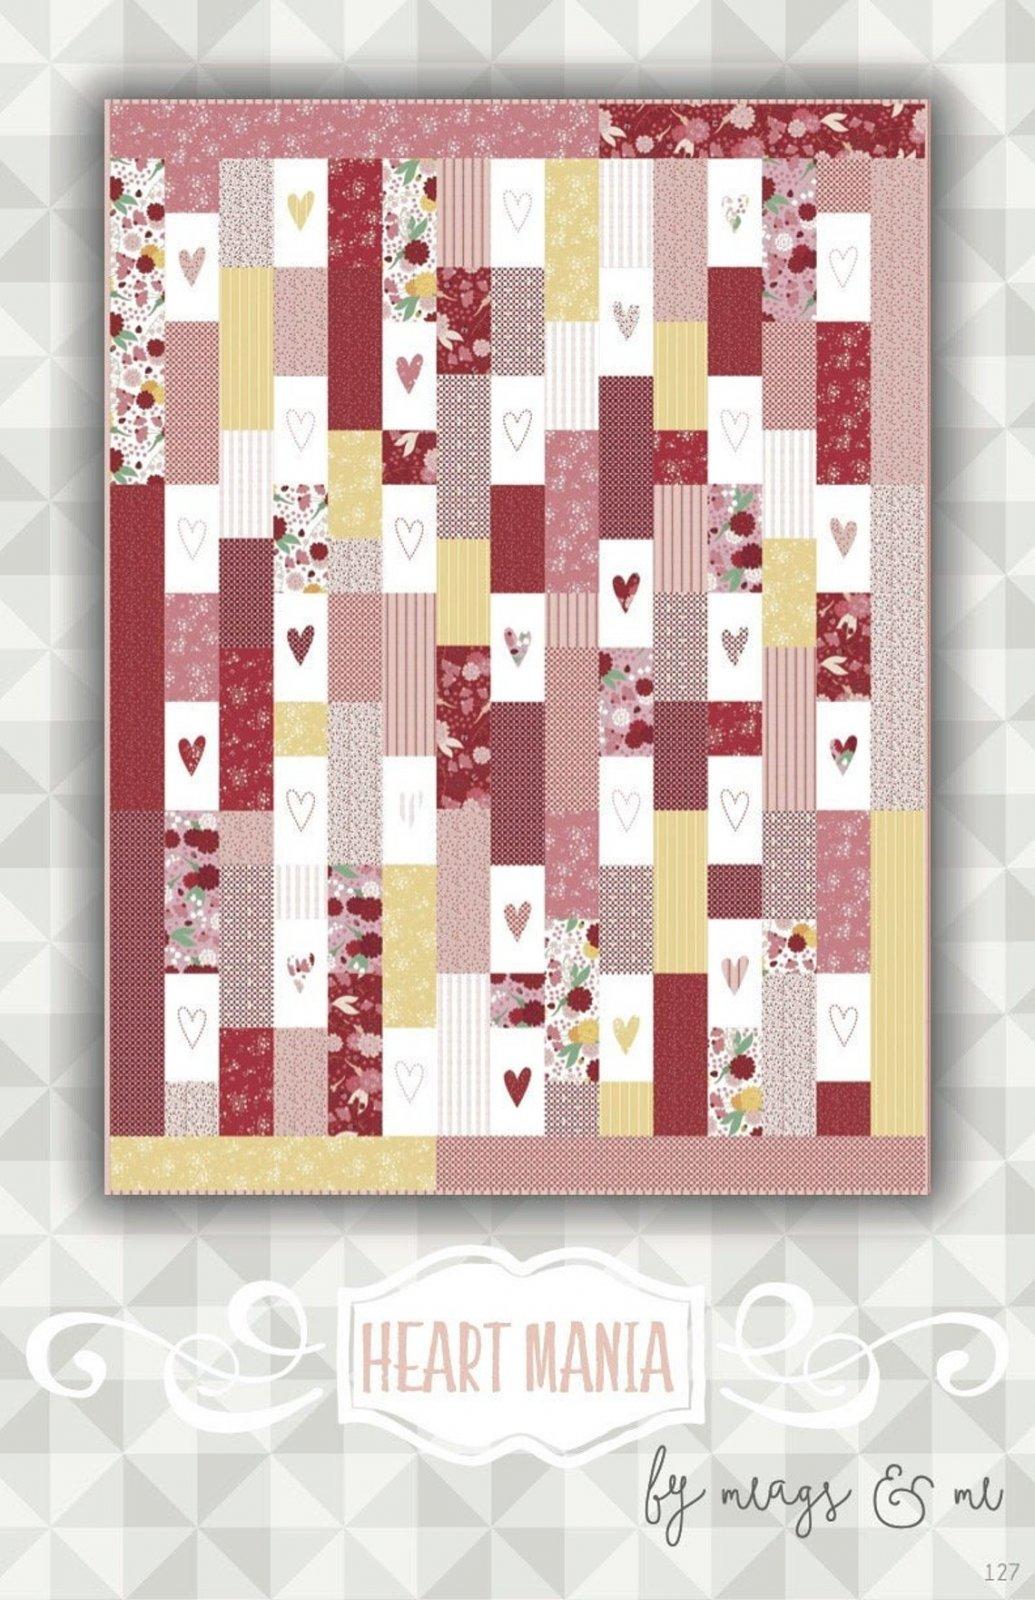 Ladybug Heart Mania Quilt Kit